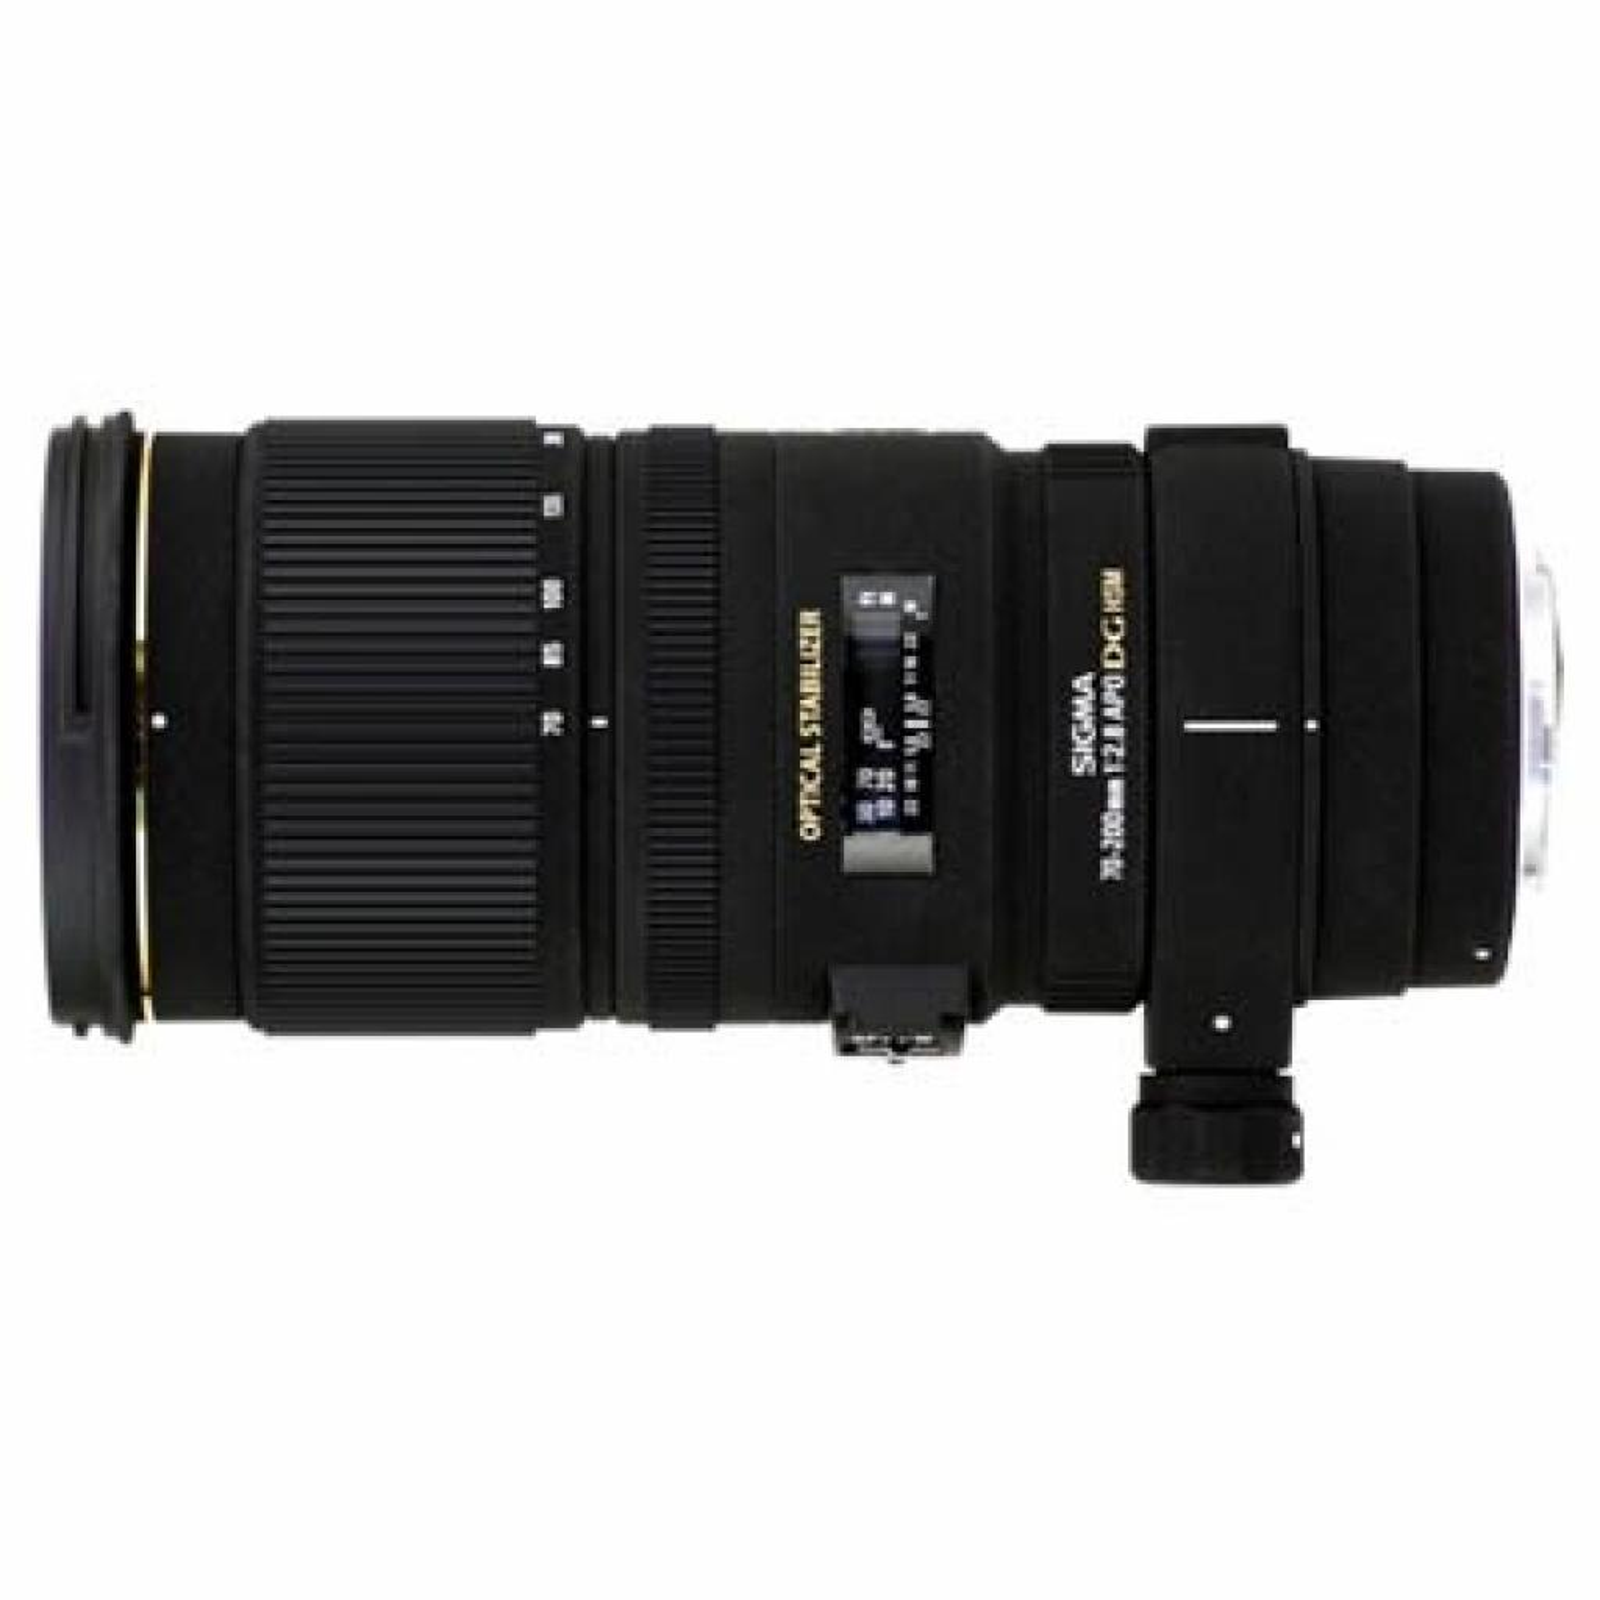 Объектив Sigma 70-200mm f/2.8 EX DG OS HSM for Nikon (589955)